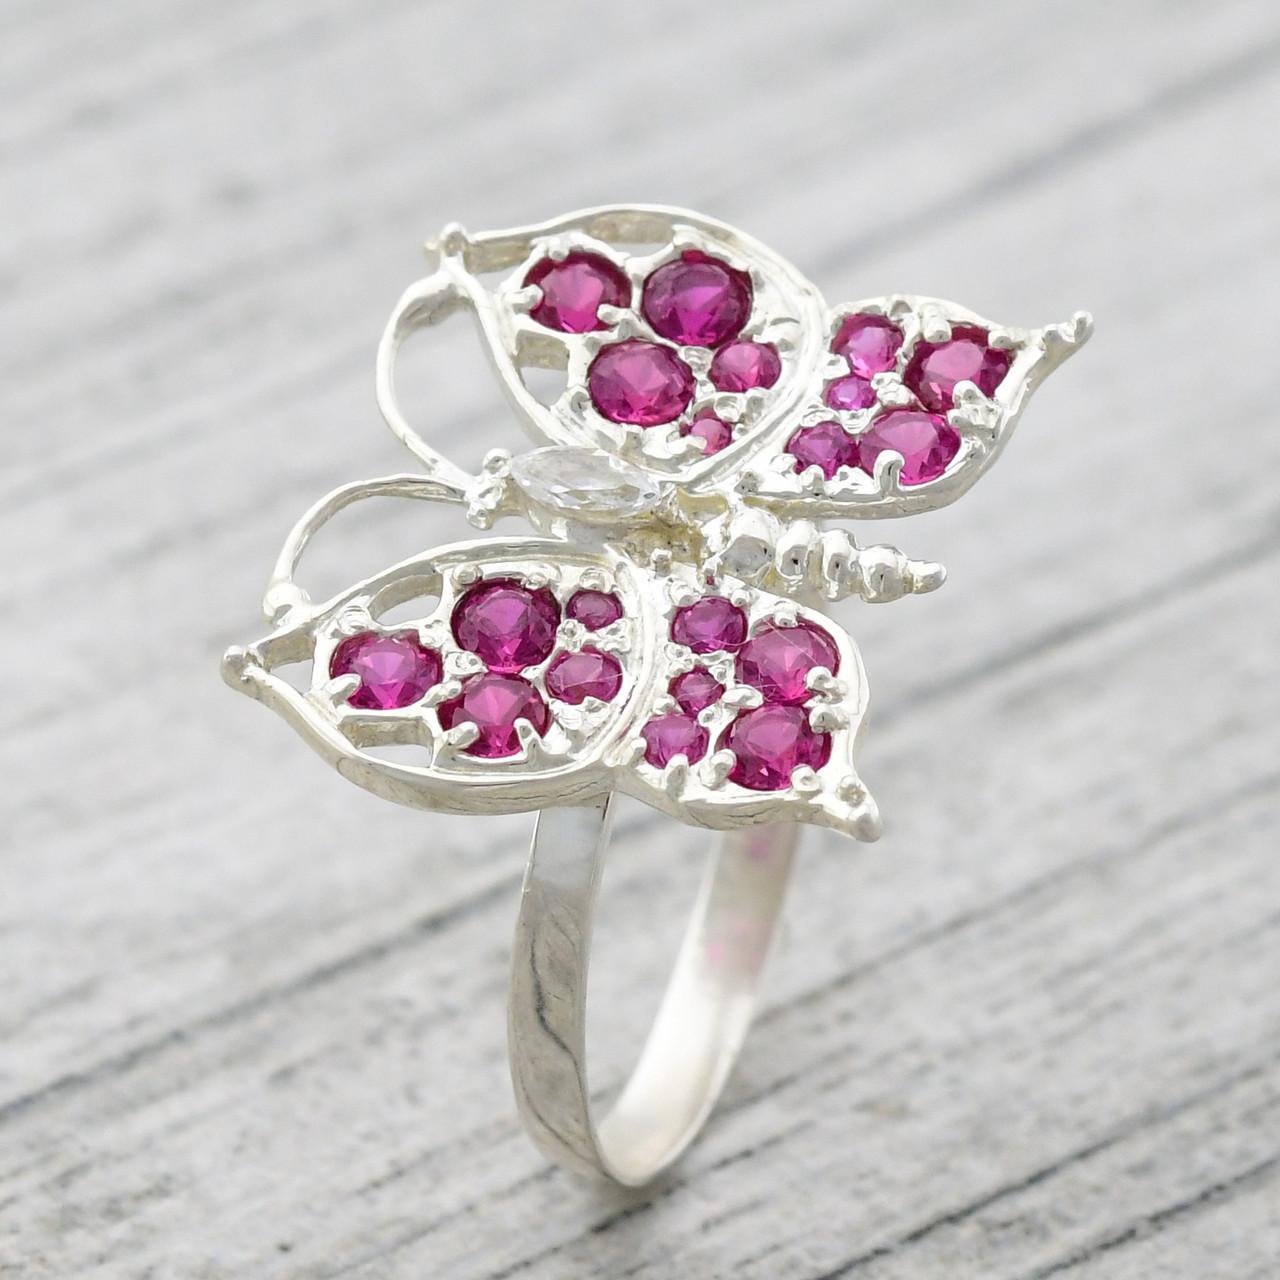 """Серебряное кольцо """"Бабочка"""", вставка малиновые и белые фианиты, вес 2.75 г, размер 18"""